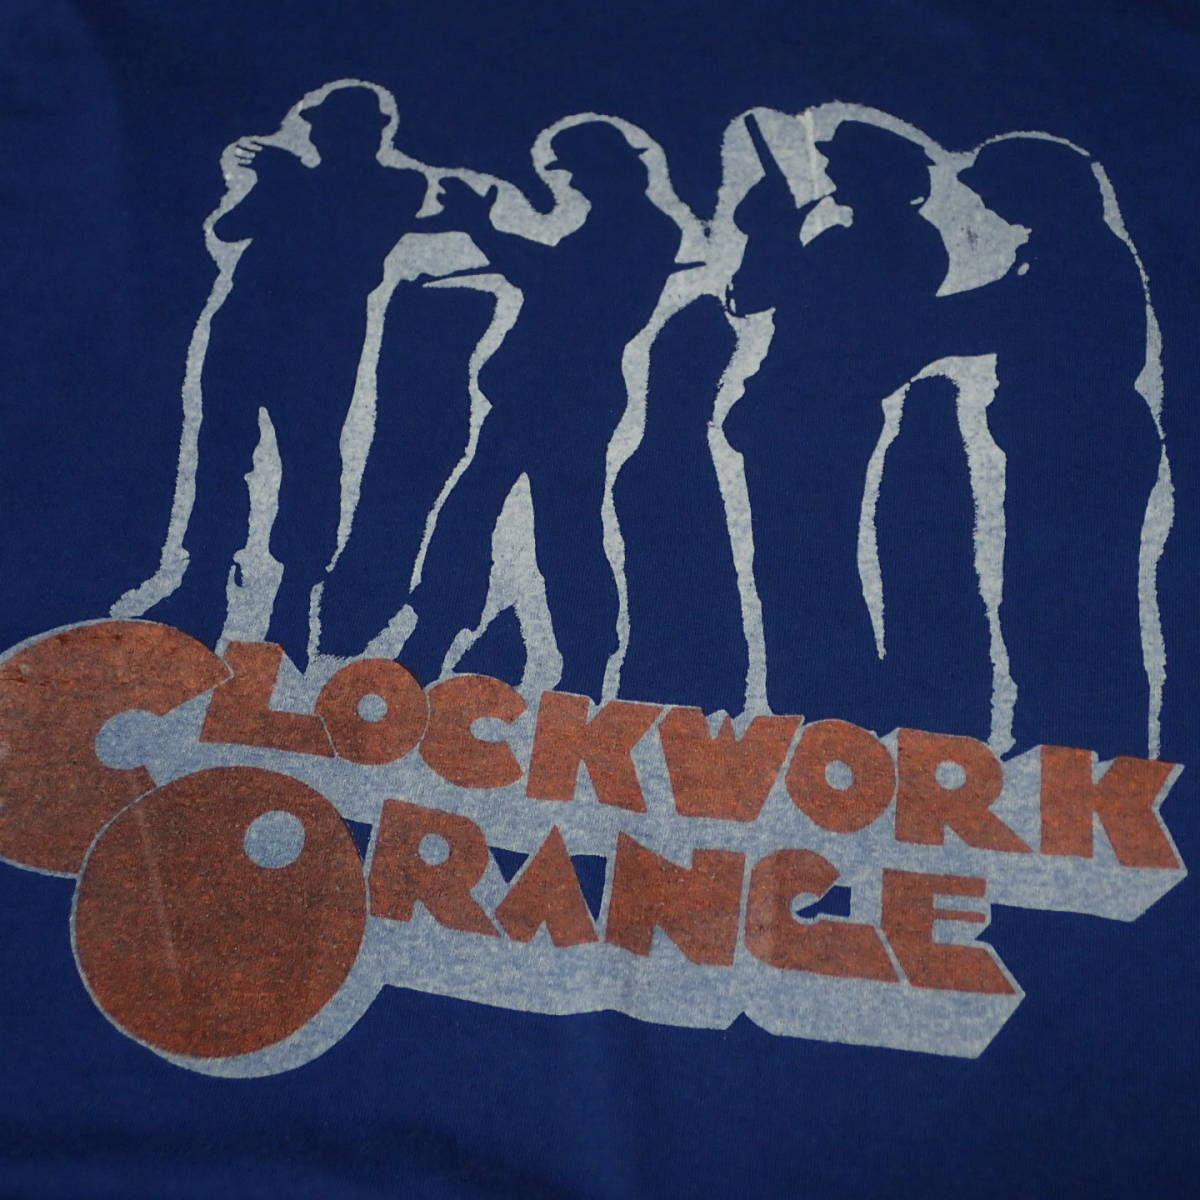 ■ 90s CLOCKWORK ORANGE Vintage T-shirt ■ 時計じかけのオレンジ ヴィンテージ Tシャツ 当時物 本物 映画 ムービー_画像1